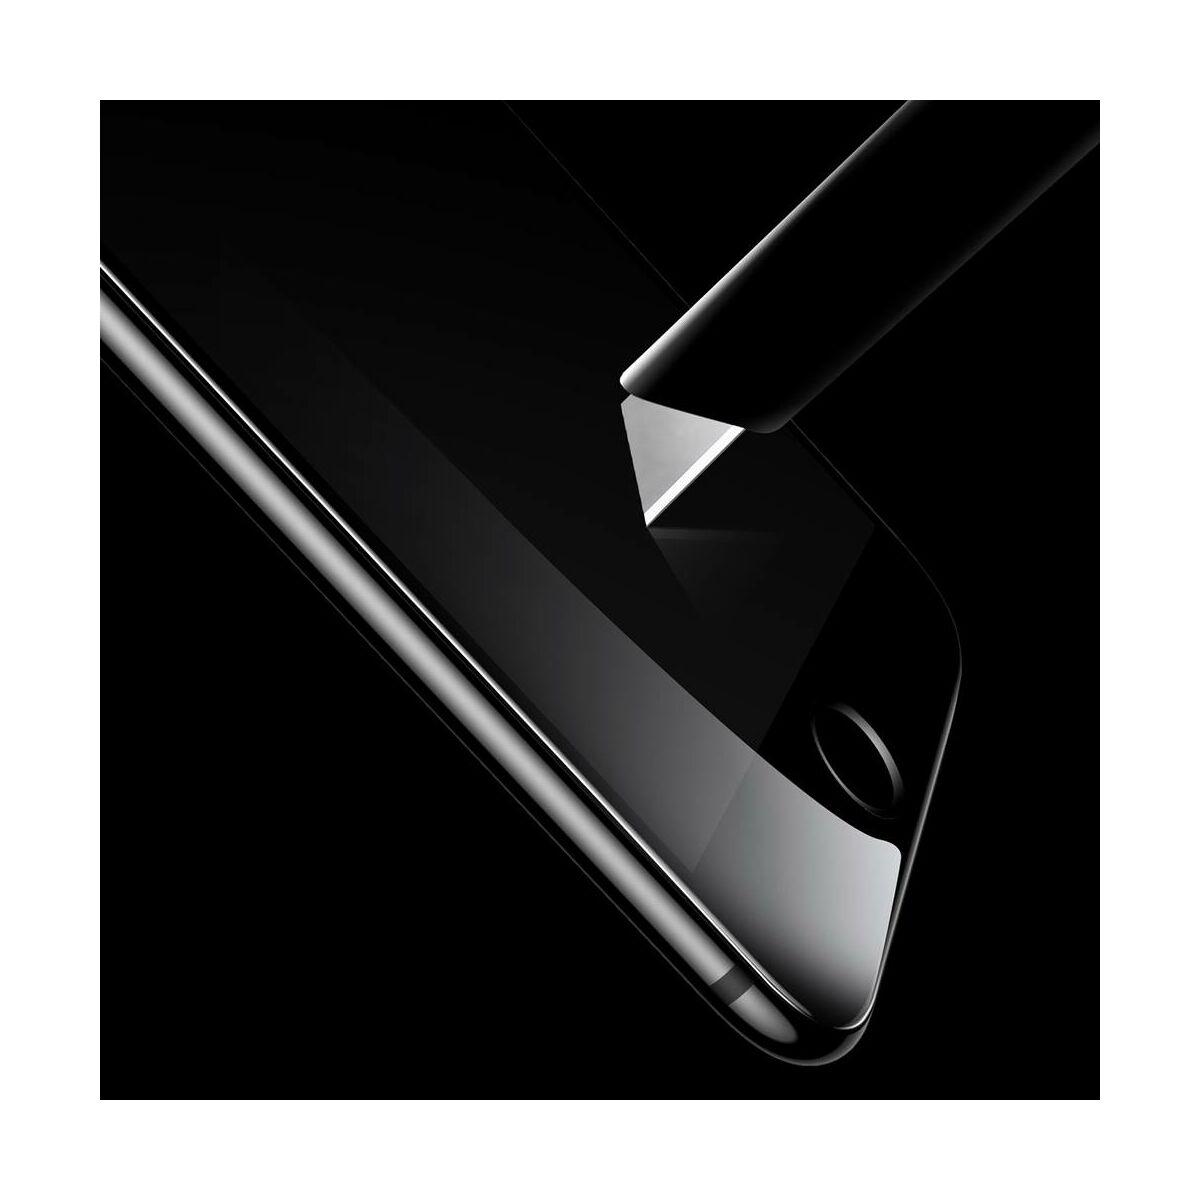 Baseus iPhone 6/6s Plus 0.3 mm, teljes felületre edzett üveg kijelzővédő fólia, fekete (SGAPIPH6SP-B3D01)